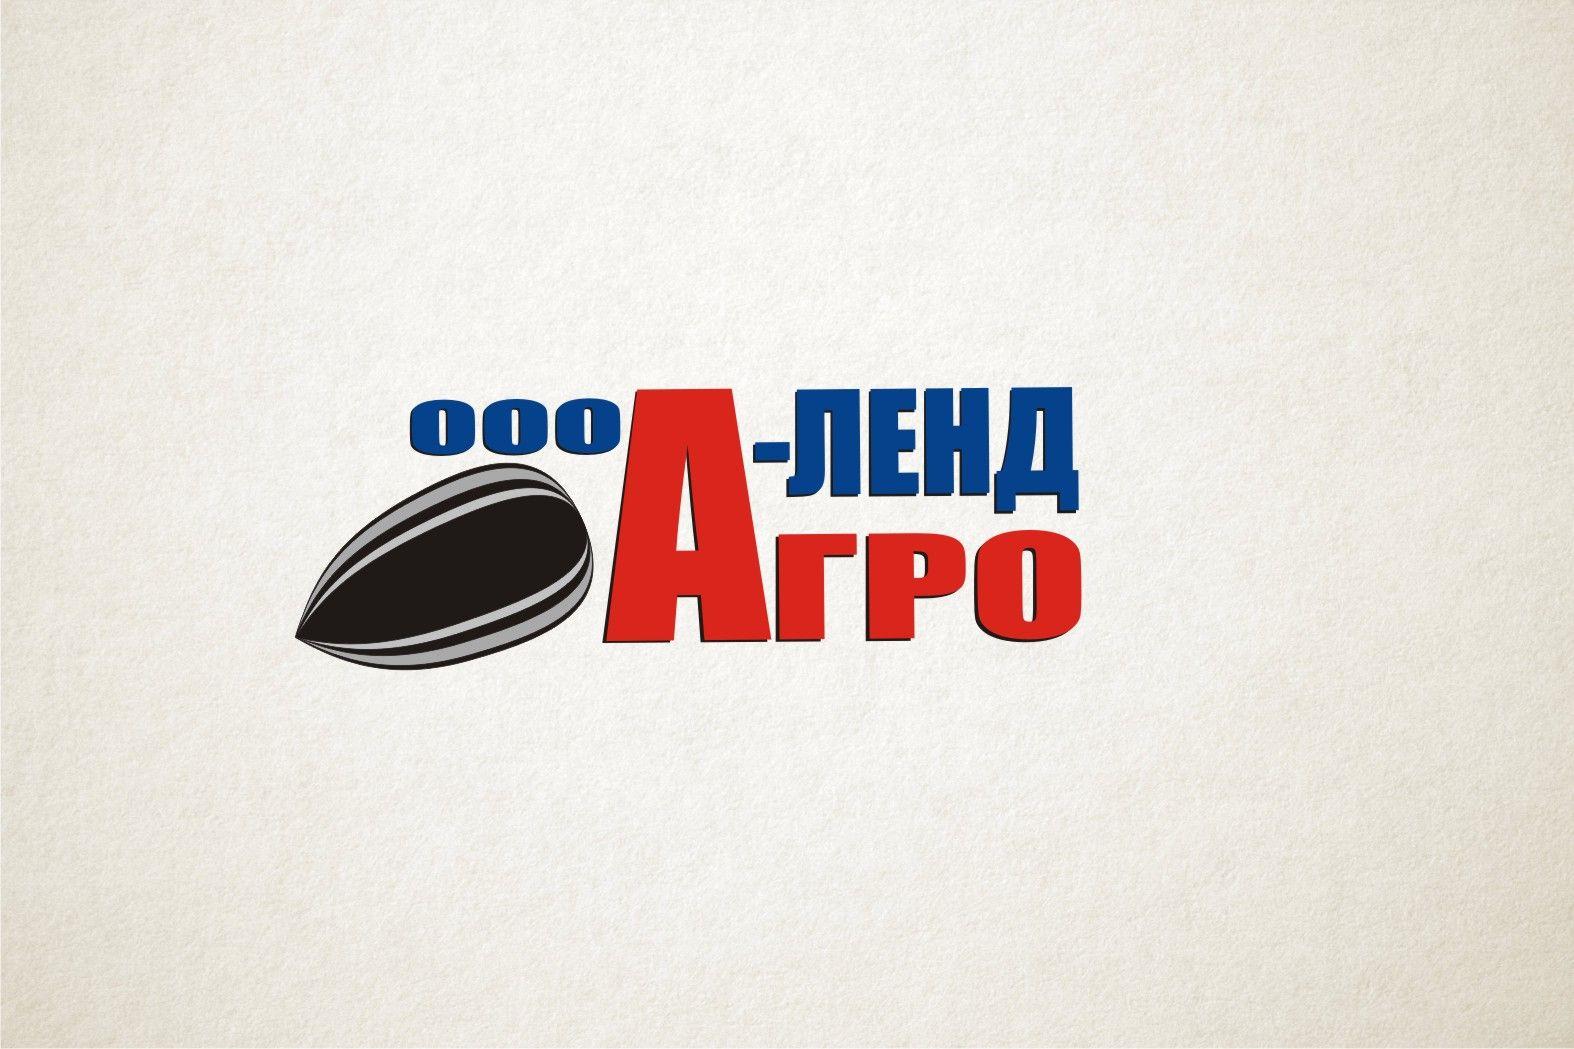 Логотип и фирменный стиль маслозавода. - дизайнер Evgenia_021